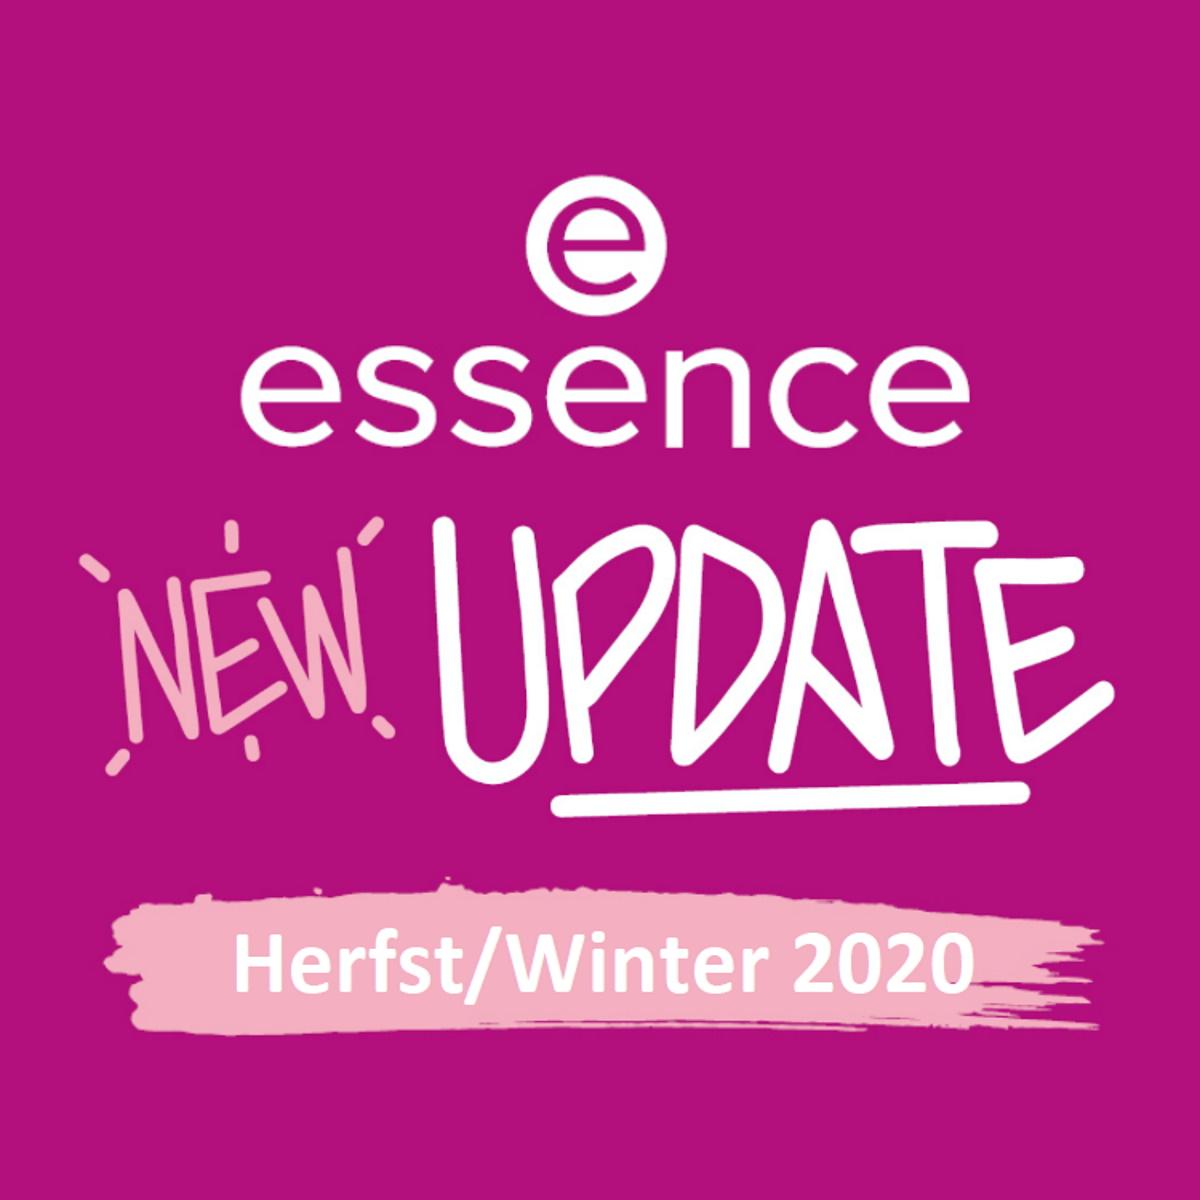 Essence herfst / winter 2020 update